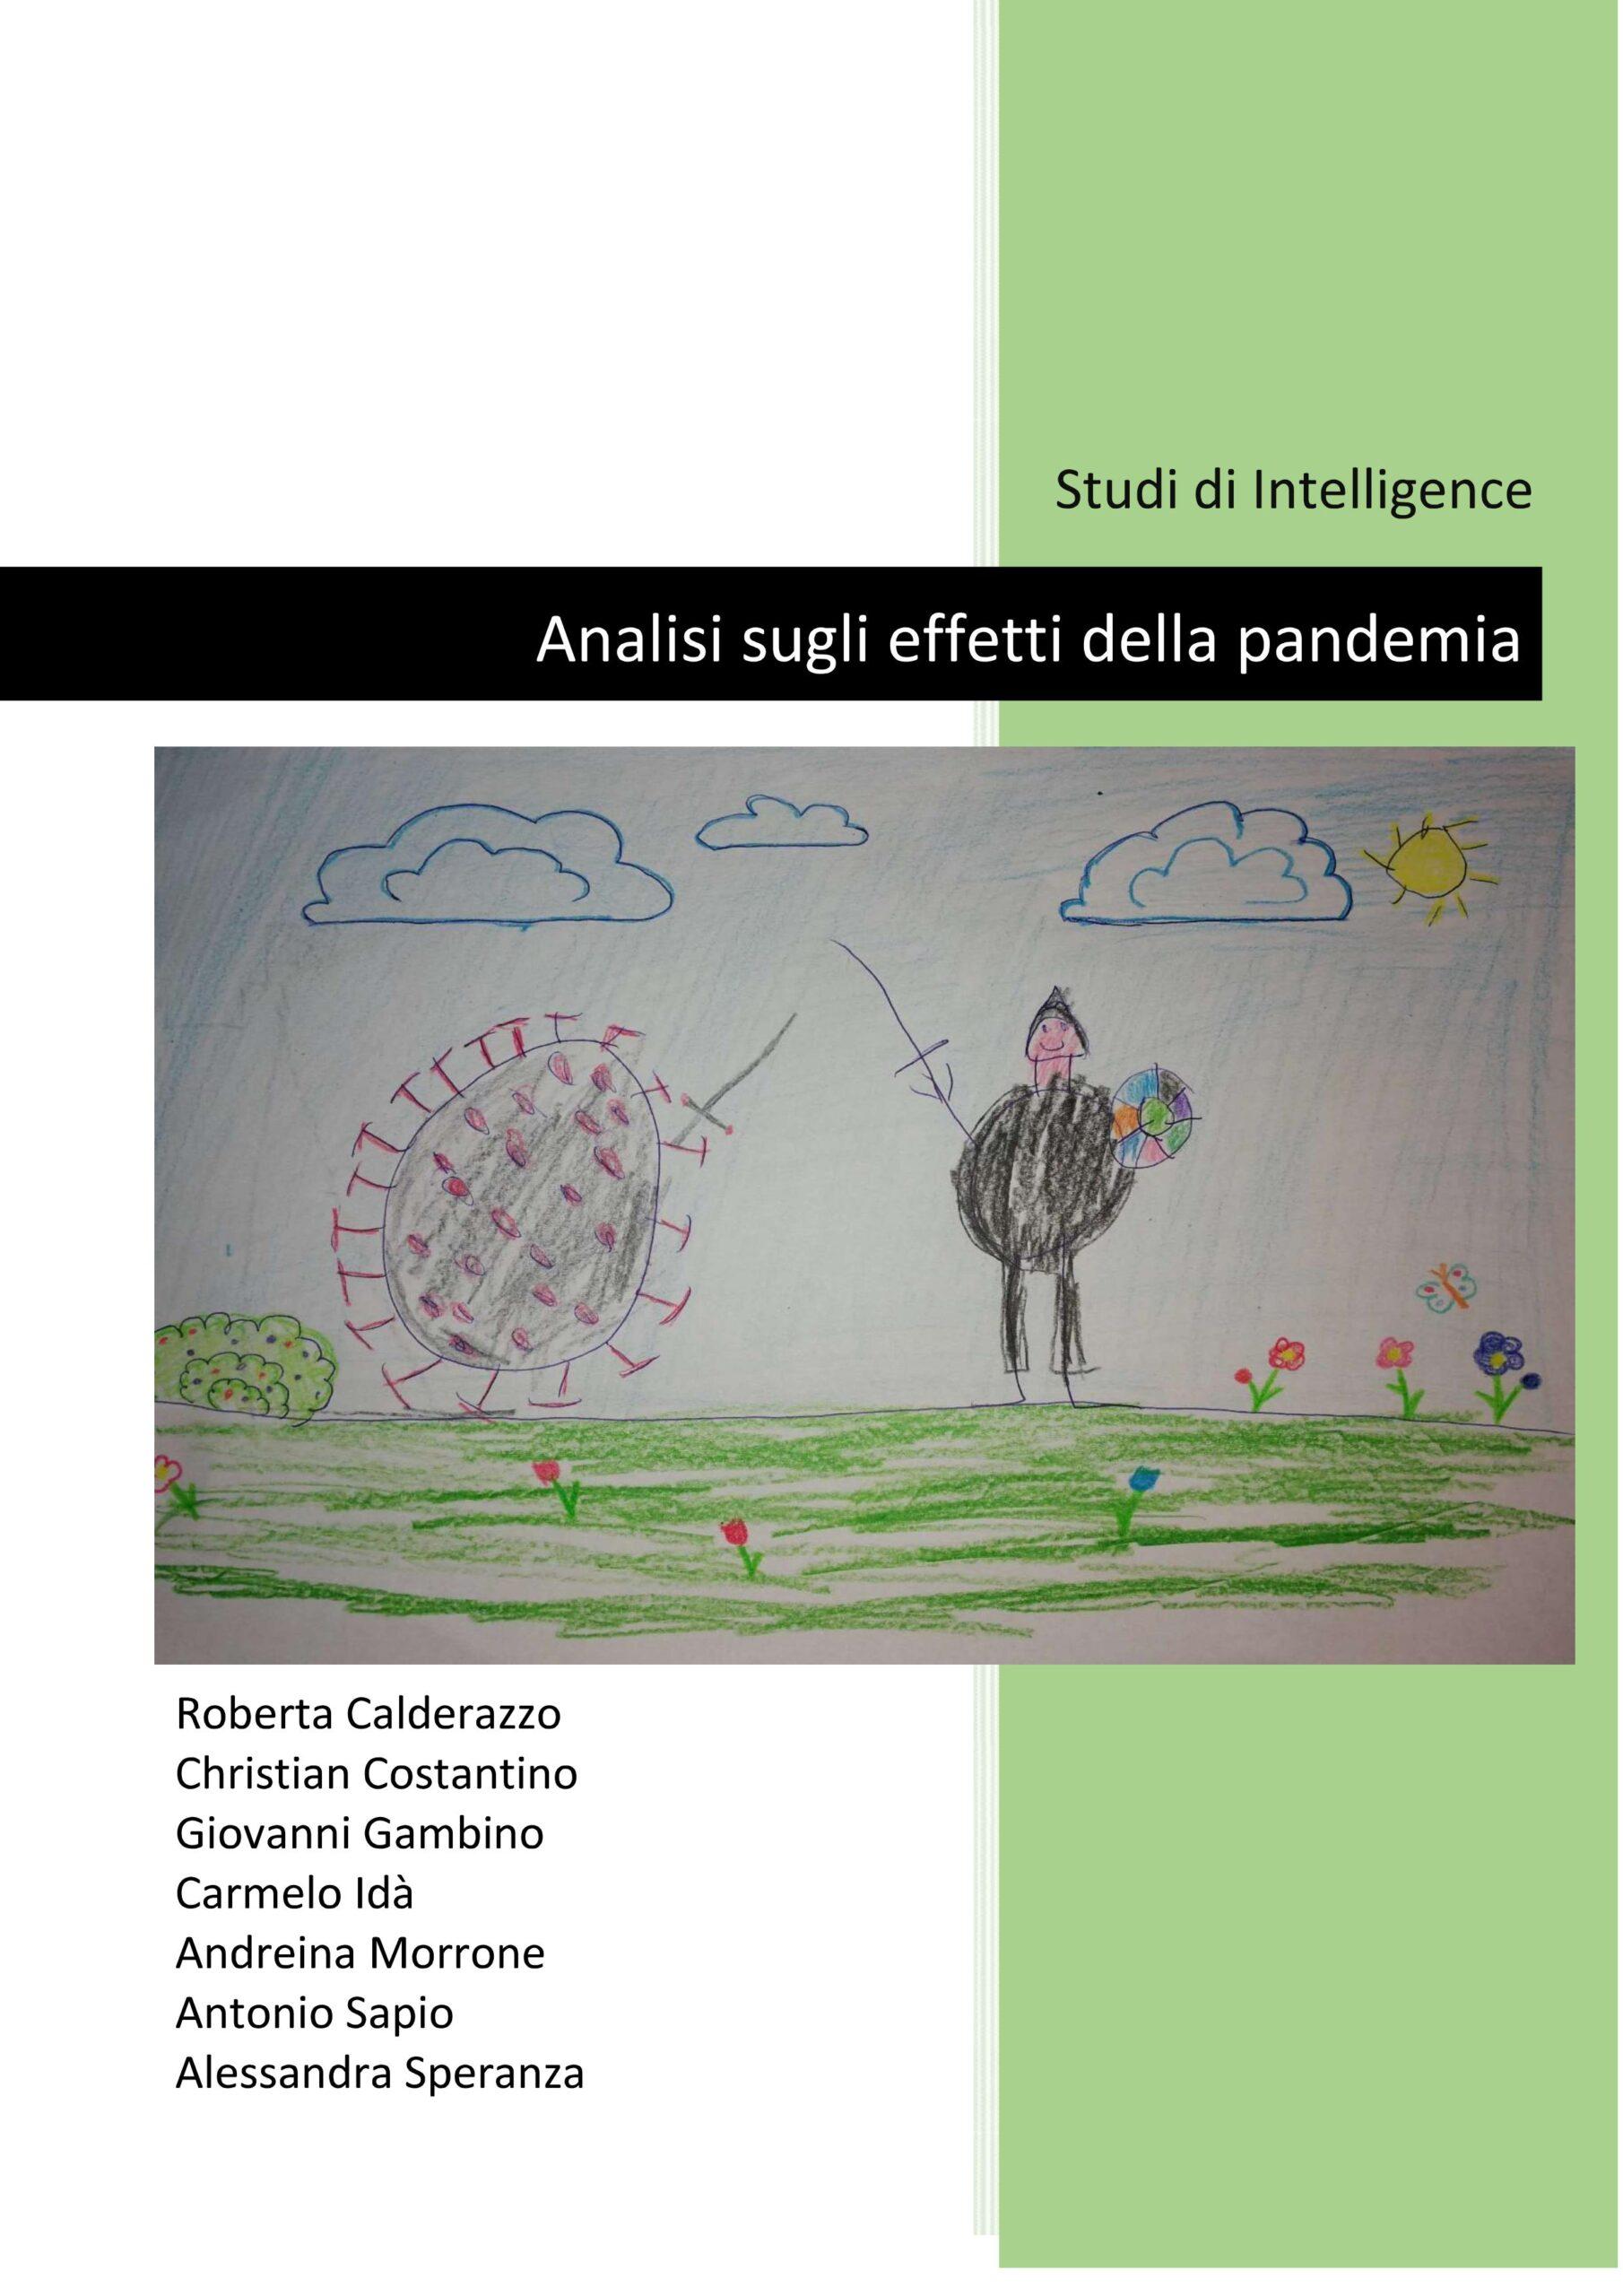 Pandemia e intelligence studies, saggio degli alumni del Master UNICAL